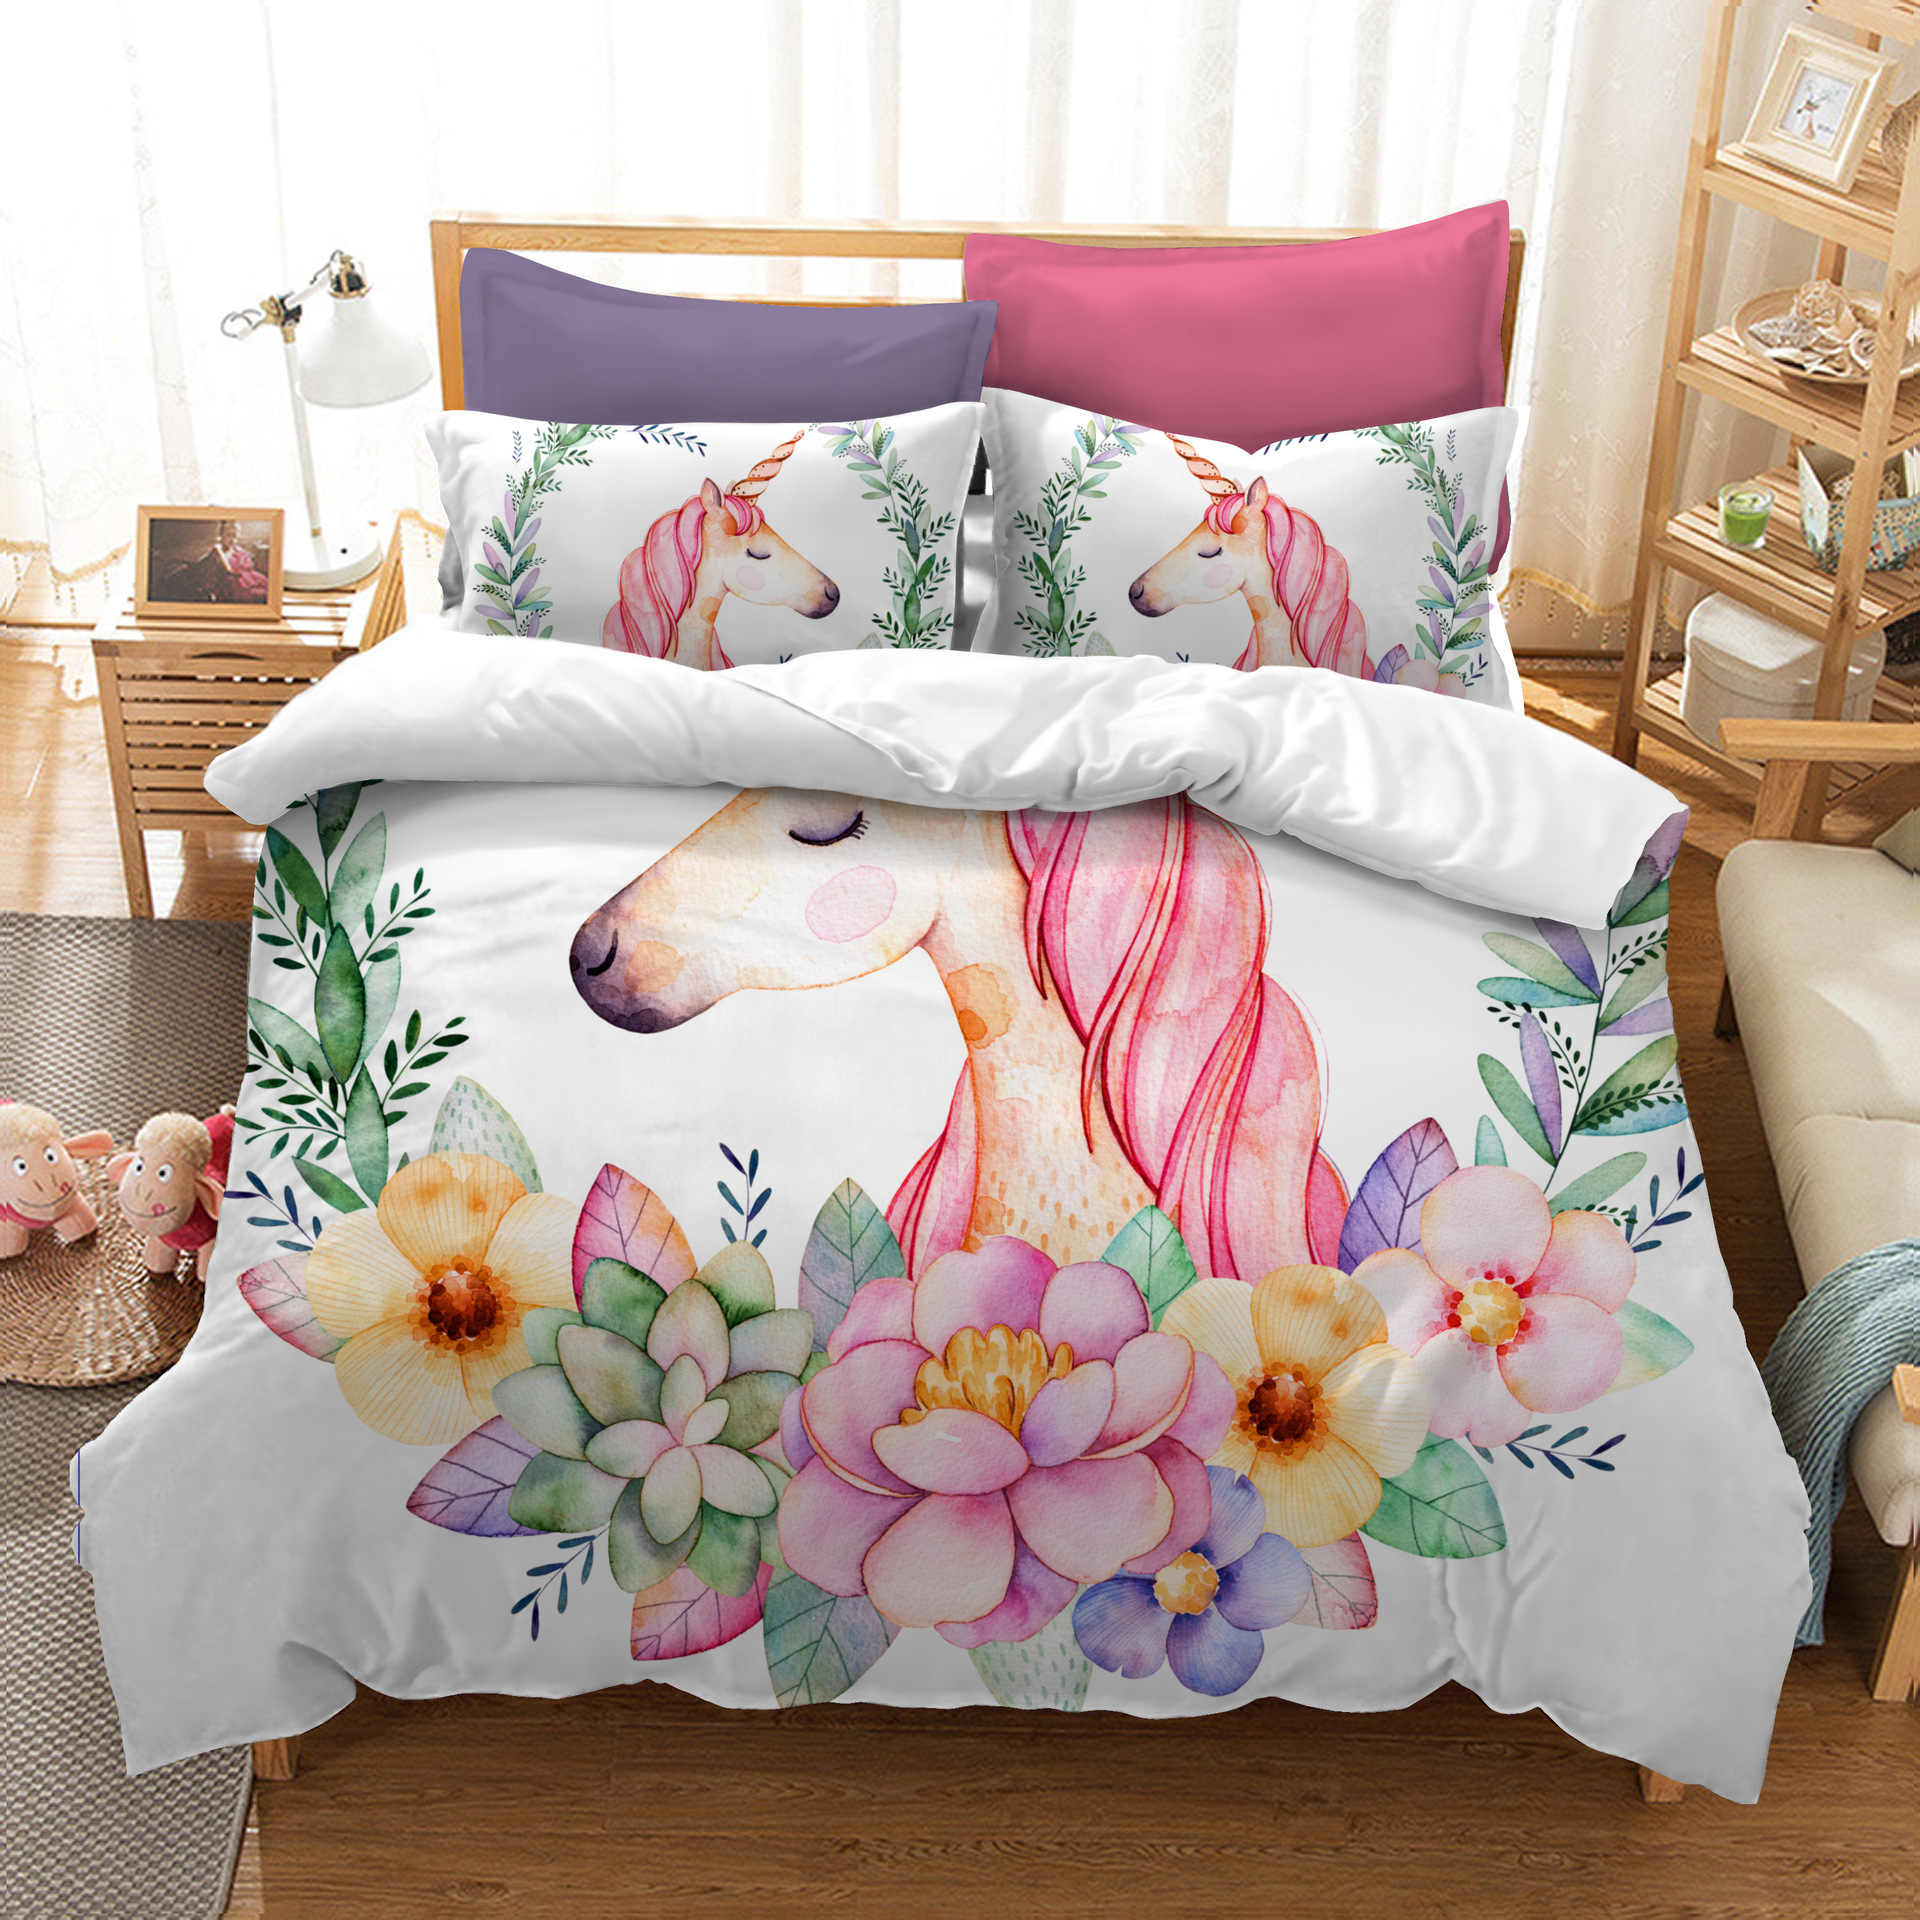 Акварель Единорог Цифровой Печати набор постельных принадлежностей одеяло крышка дизайнерская кровать комплект в богемном стиле mini Van постельное белье 4 шт. BE1229